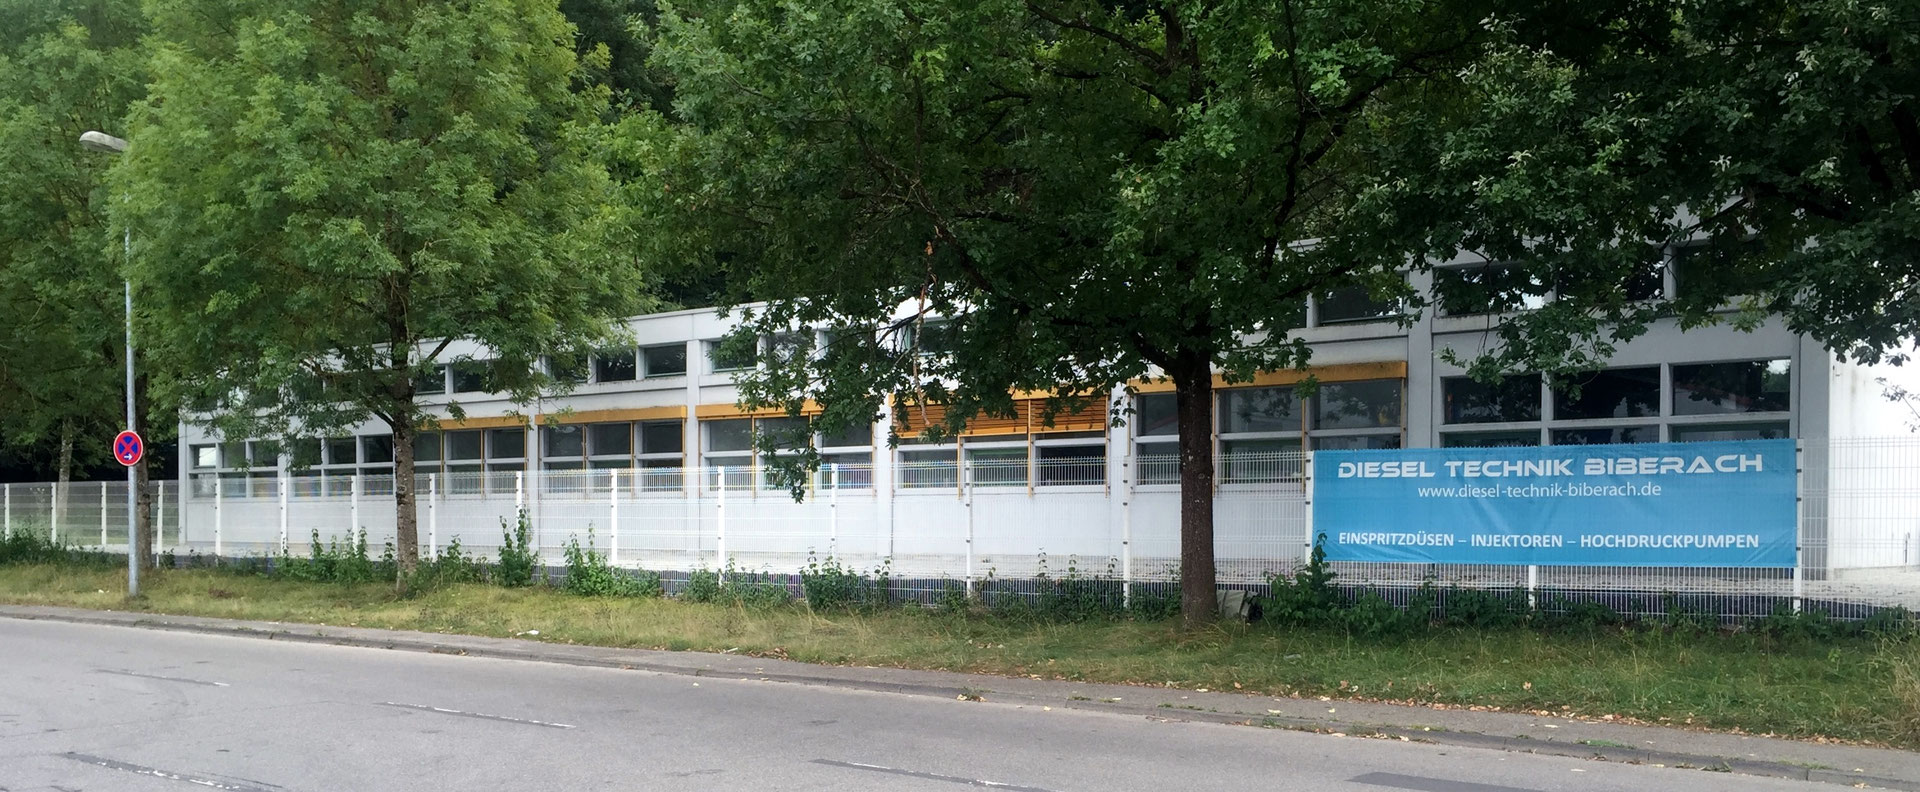 www.diesel-technik-biberach.de